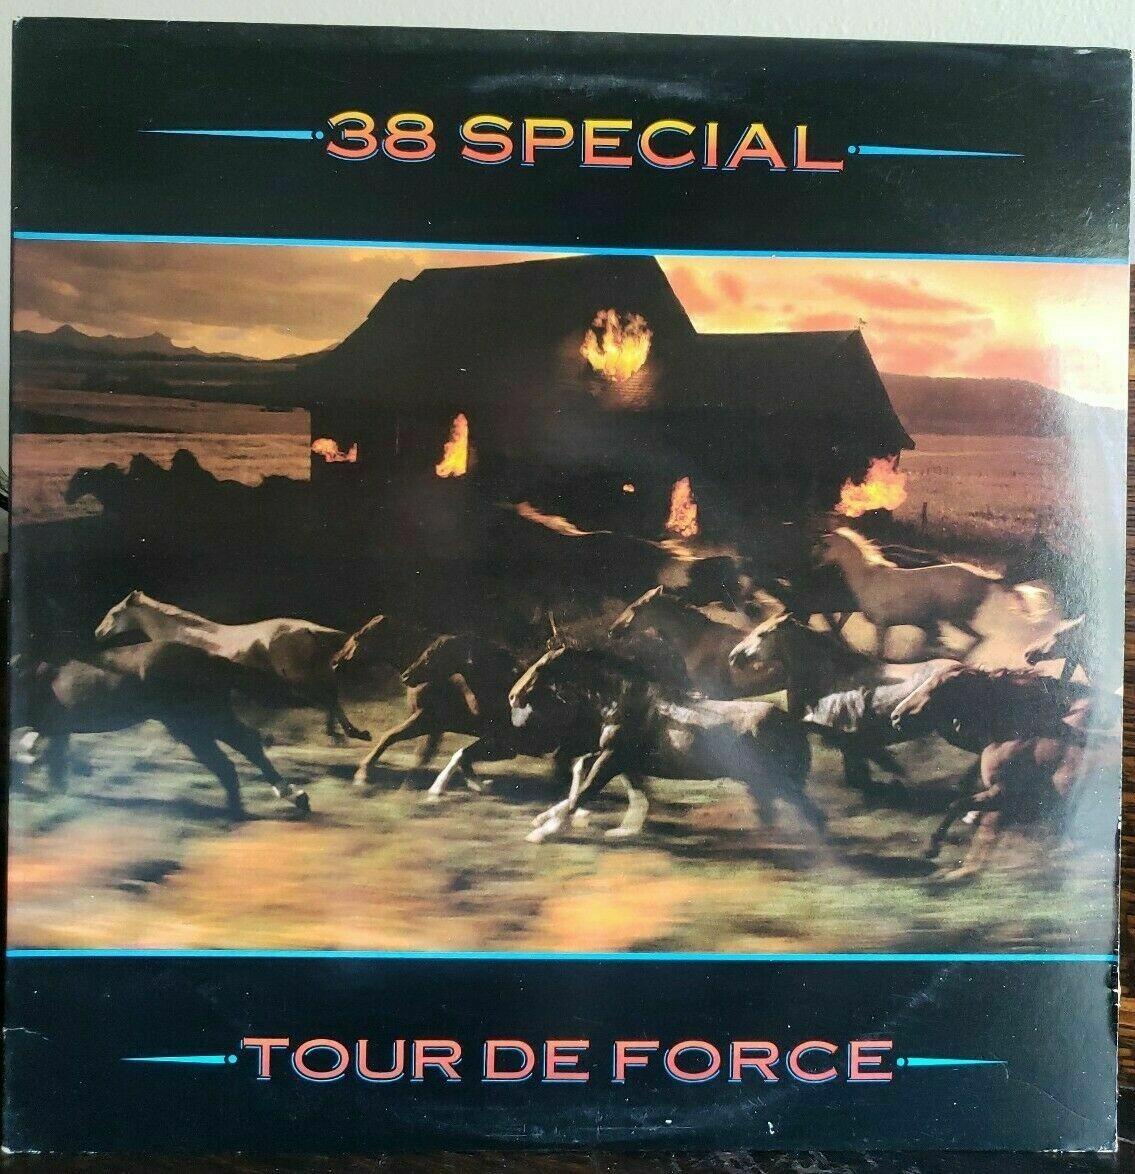 38 SPECIAL Tour De Force A&M Records